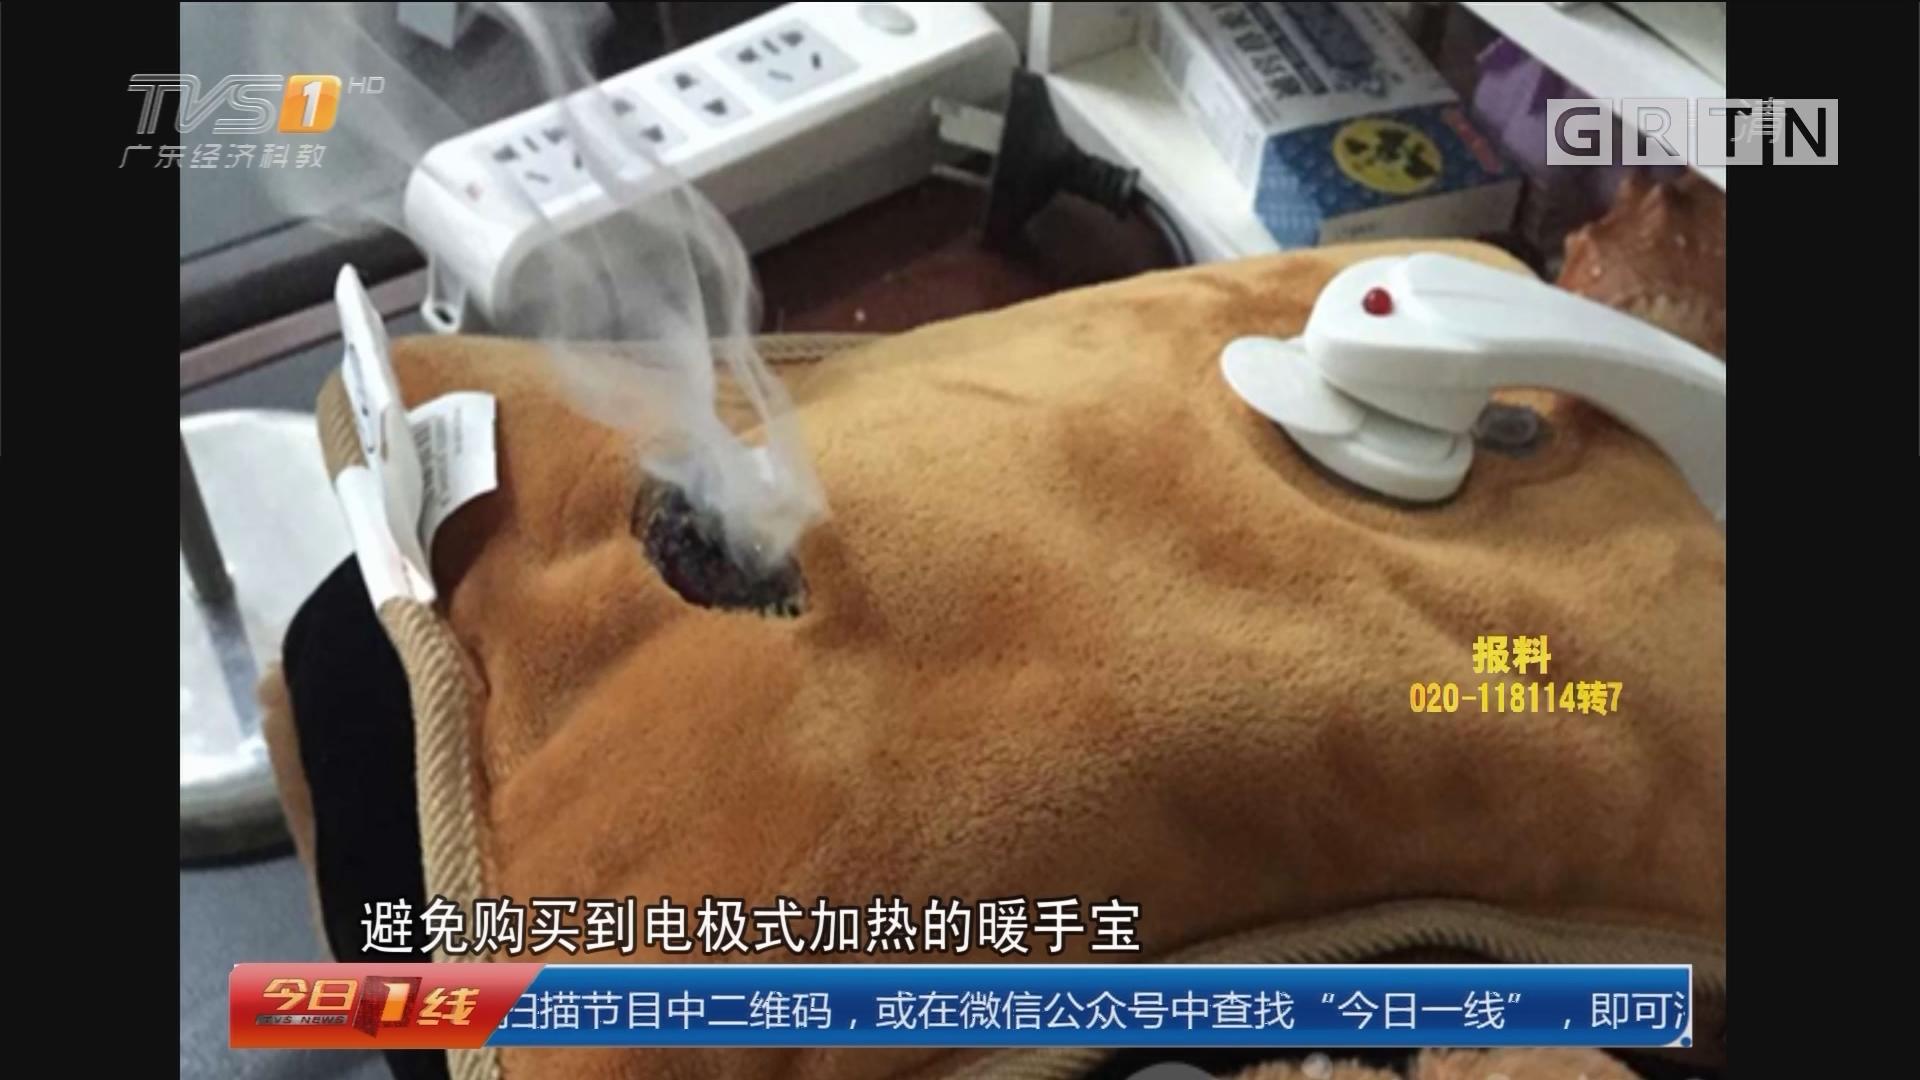 冬天使用电器安全:充电暖手包长时摆床上 起火烧床垫